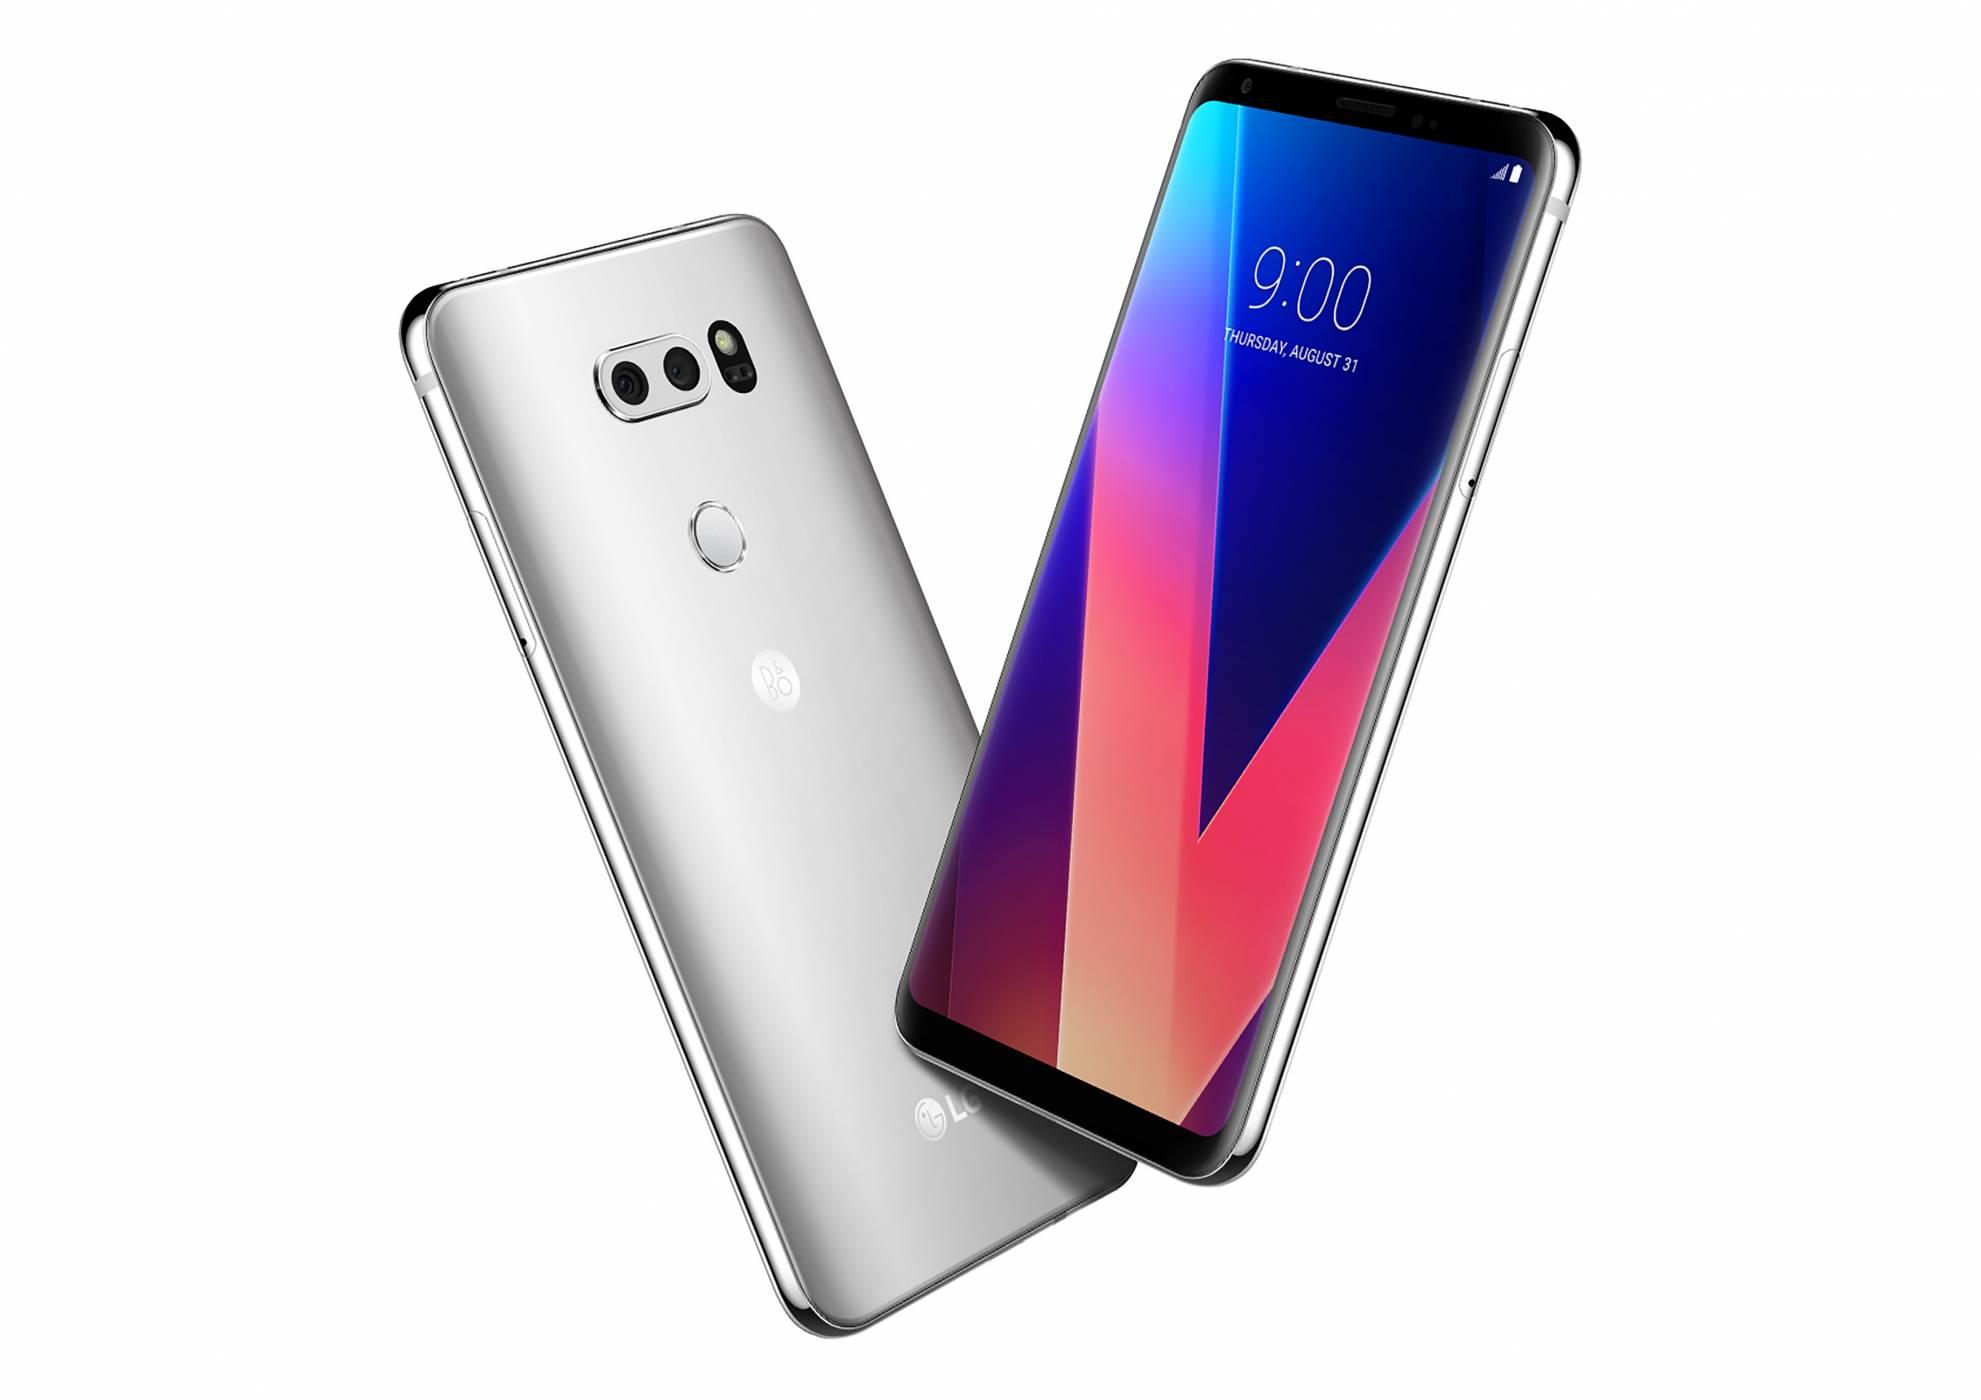 Новите смартфони от LG са подобрени версии на LG V30 на по-висока цена